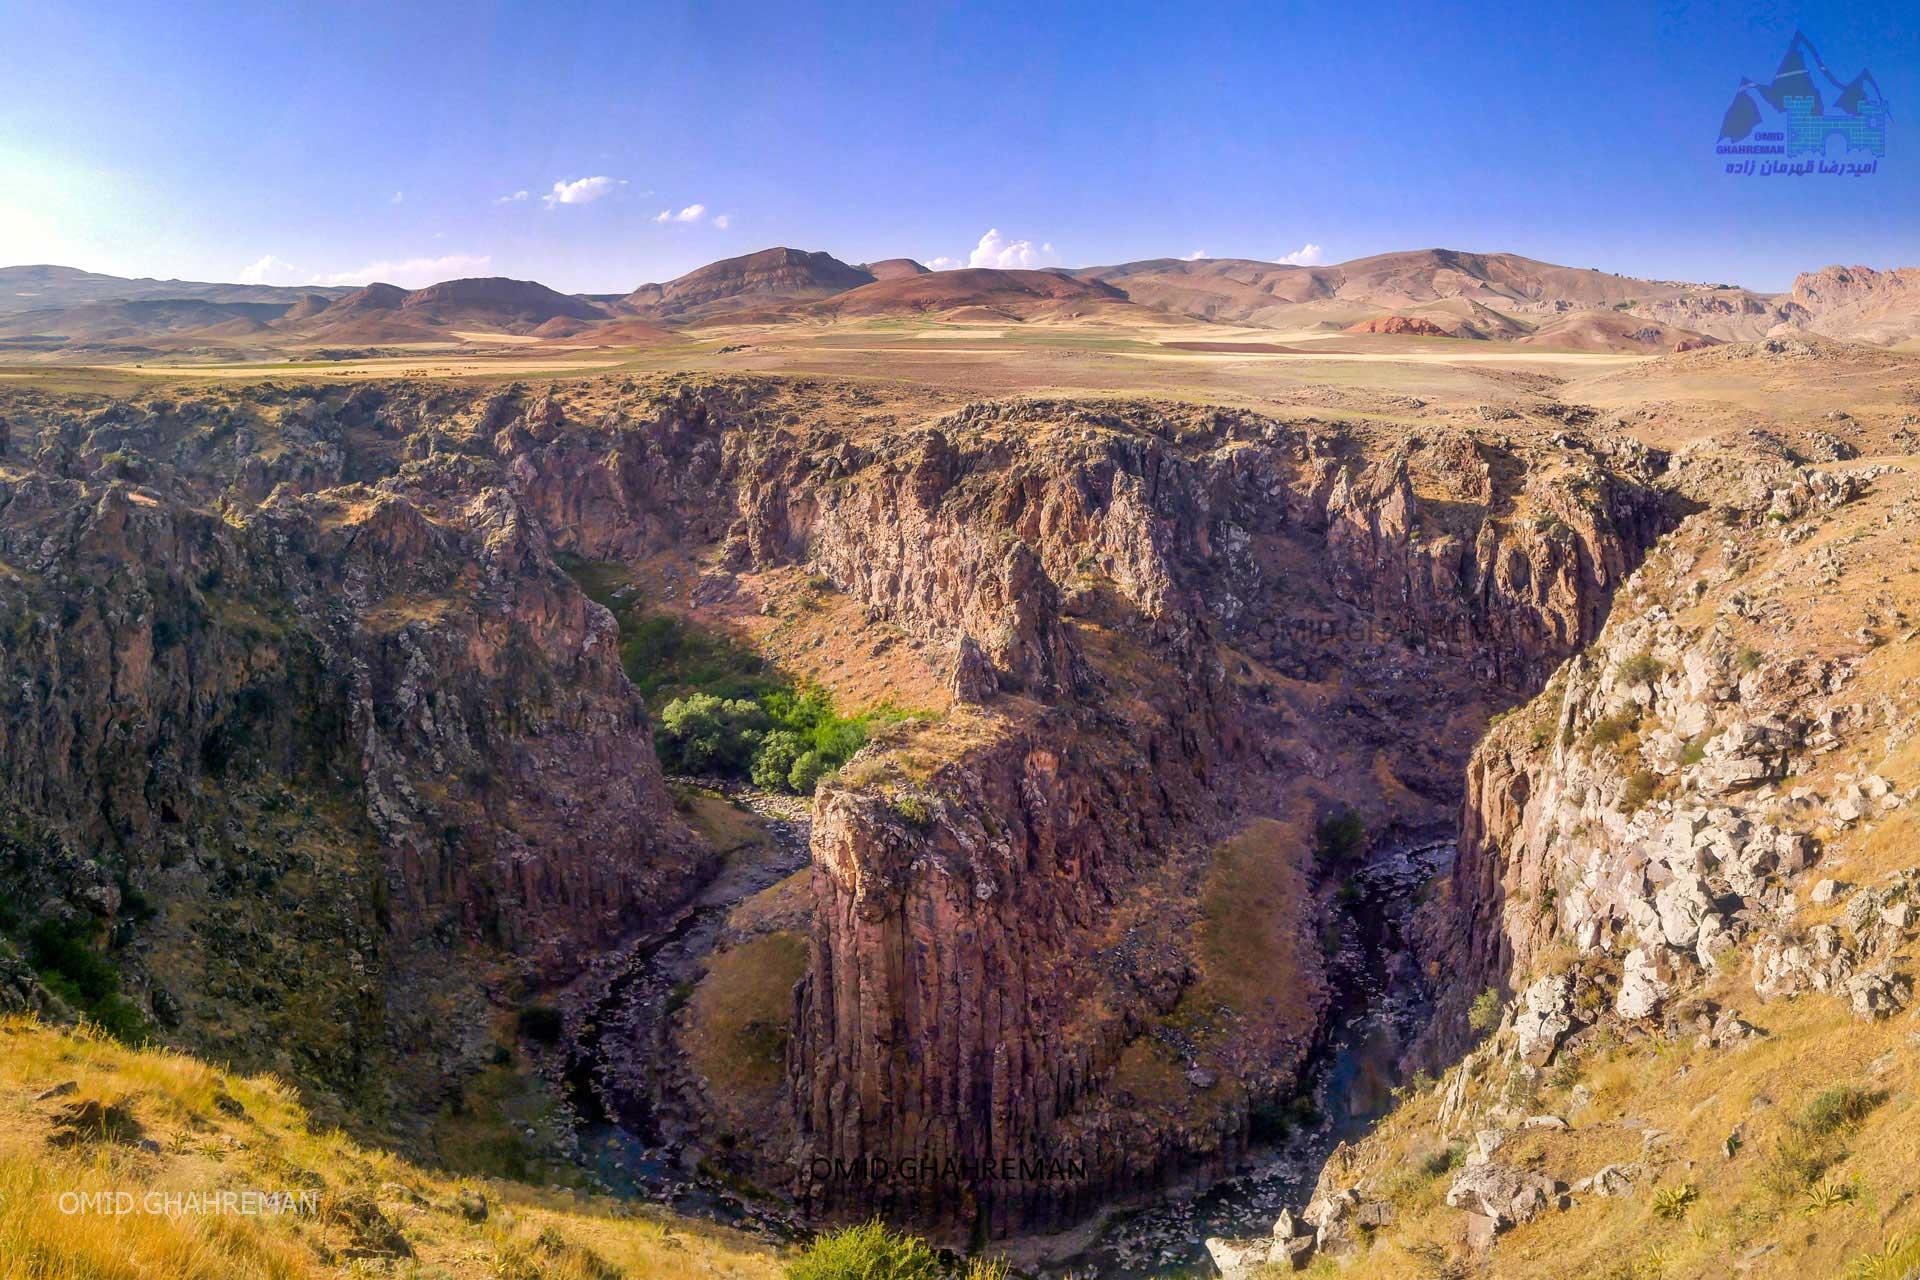 دره بدولی ما بین شهرستان ماکو و چالدران